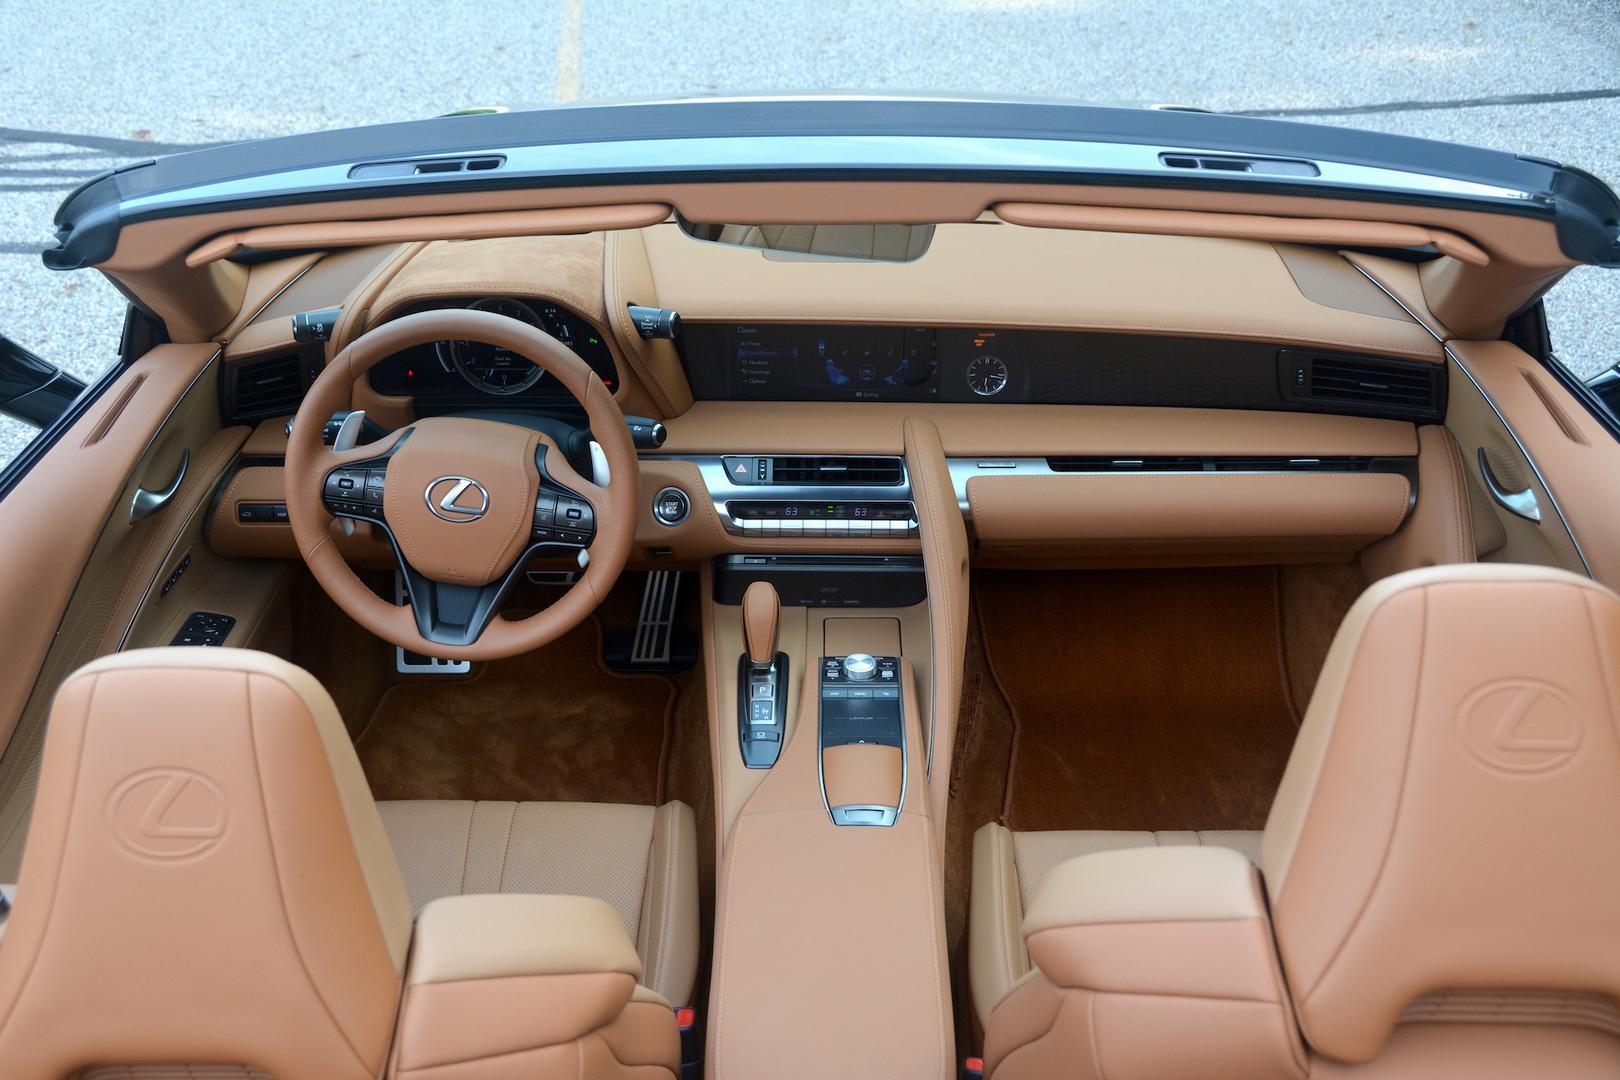 Lexus LC 500 Convertible interior